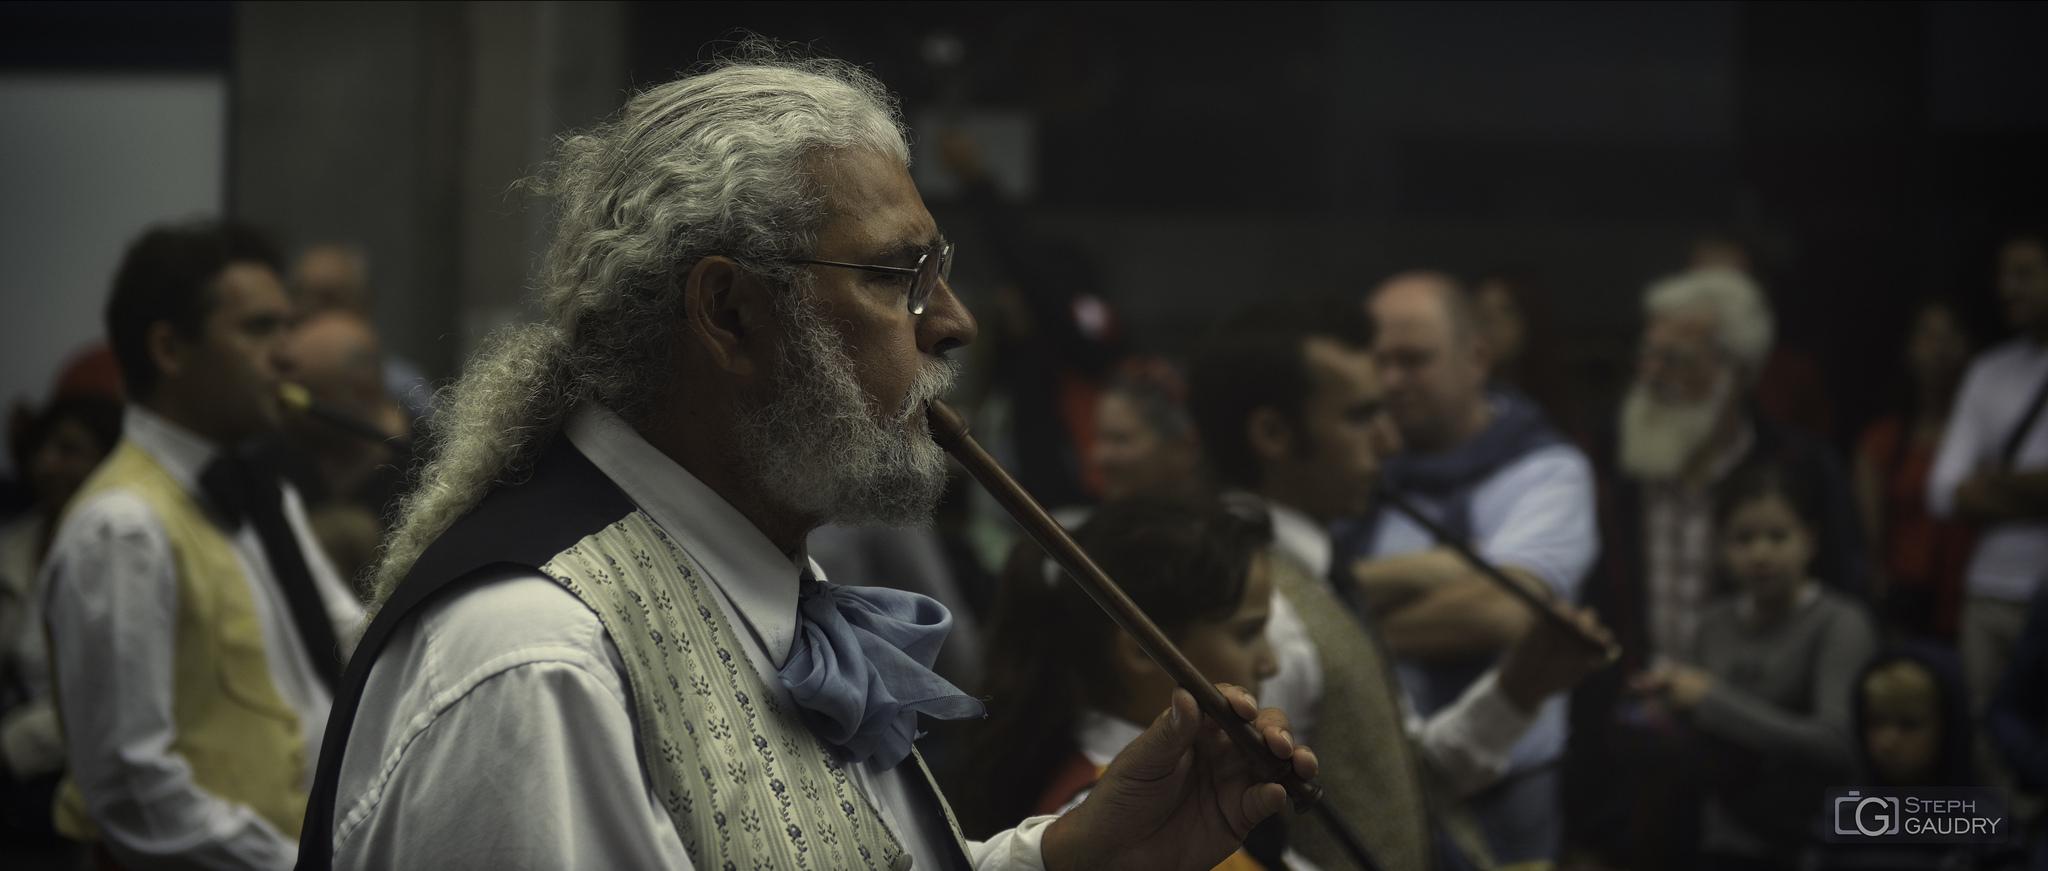 Le joueur de flûte, facilitant le passage entre le monde des vivants et celui des morts [Cliquez pour lancer le diaporama]